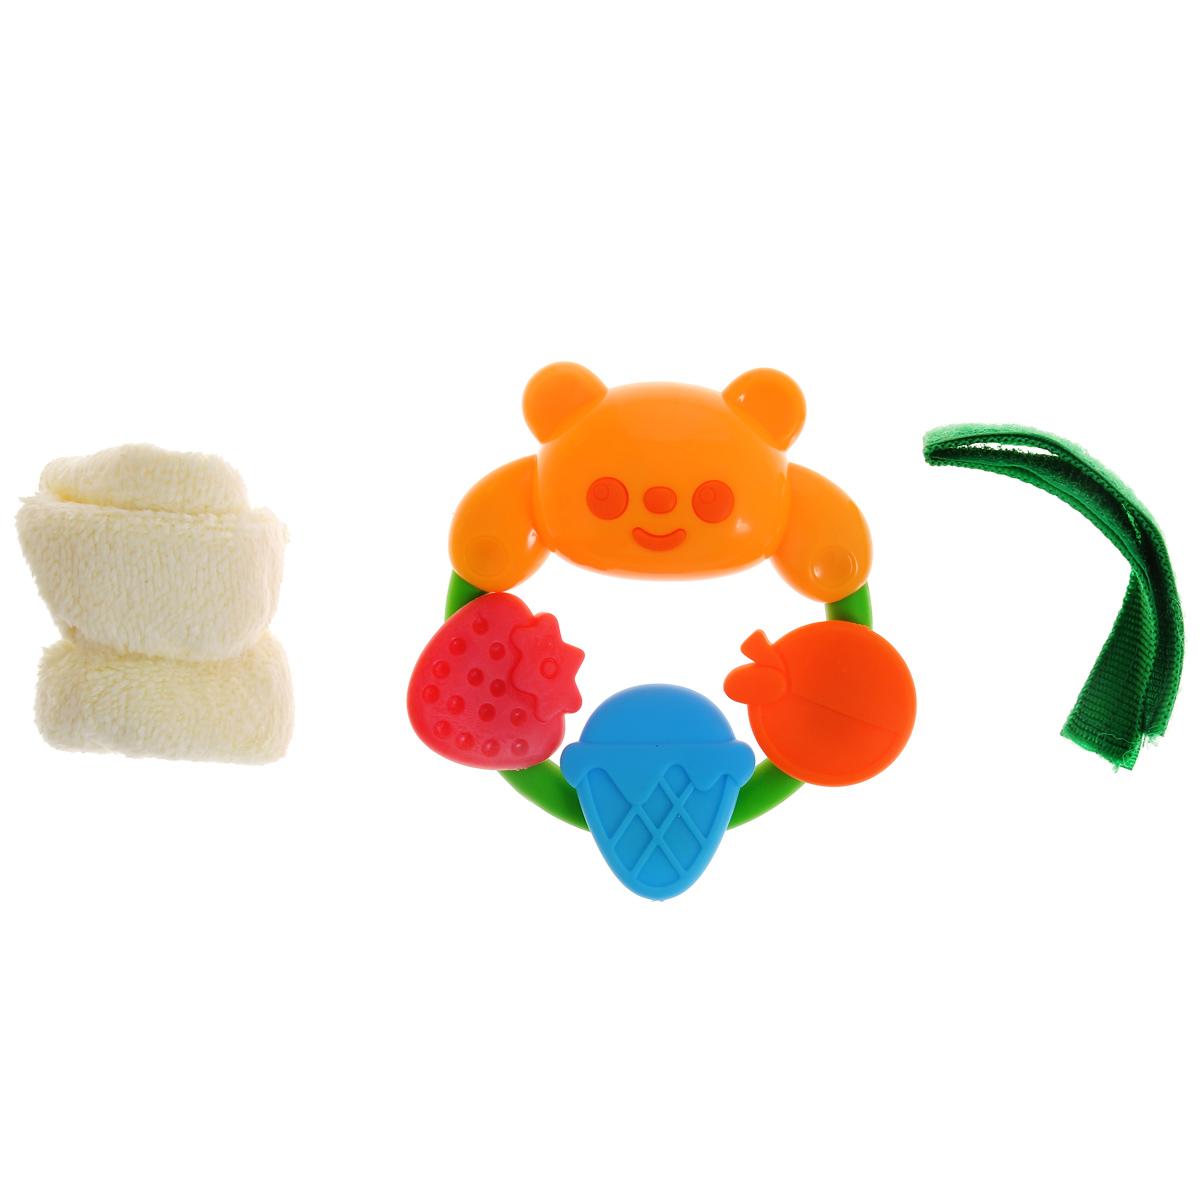 Погремушка-прорезыватель Малышарики Мишка с фруктами, с салфеткойMSH0302-030С яркой, разноцветной и приятной на ощупь погремушкой-прорезывателем ребенку будет очень интересно играть, а когда начнут резаться зубки, она станет незаменимой вещью. Кроме того, игрушка развивает мелкую моторику, восприятие формы и цвета предметов, а также слух и зрение. Выполнена в ярком дизайне и из безопасных материалов. В комплексе с прорезывателем идет салфетка и лента-фиксатор на липучке. Удобная форма игрушки позволит малышу с легкостью взять и держать ее, а приятный звук погремушки порадует и заинтересует его. Игрушка поможет развить цветовосприятие, тактильные ощущения и мелкую моторику рук ребенка, а элемент погремушки поспособствует развитию слуха.